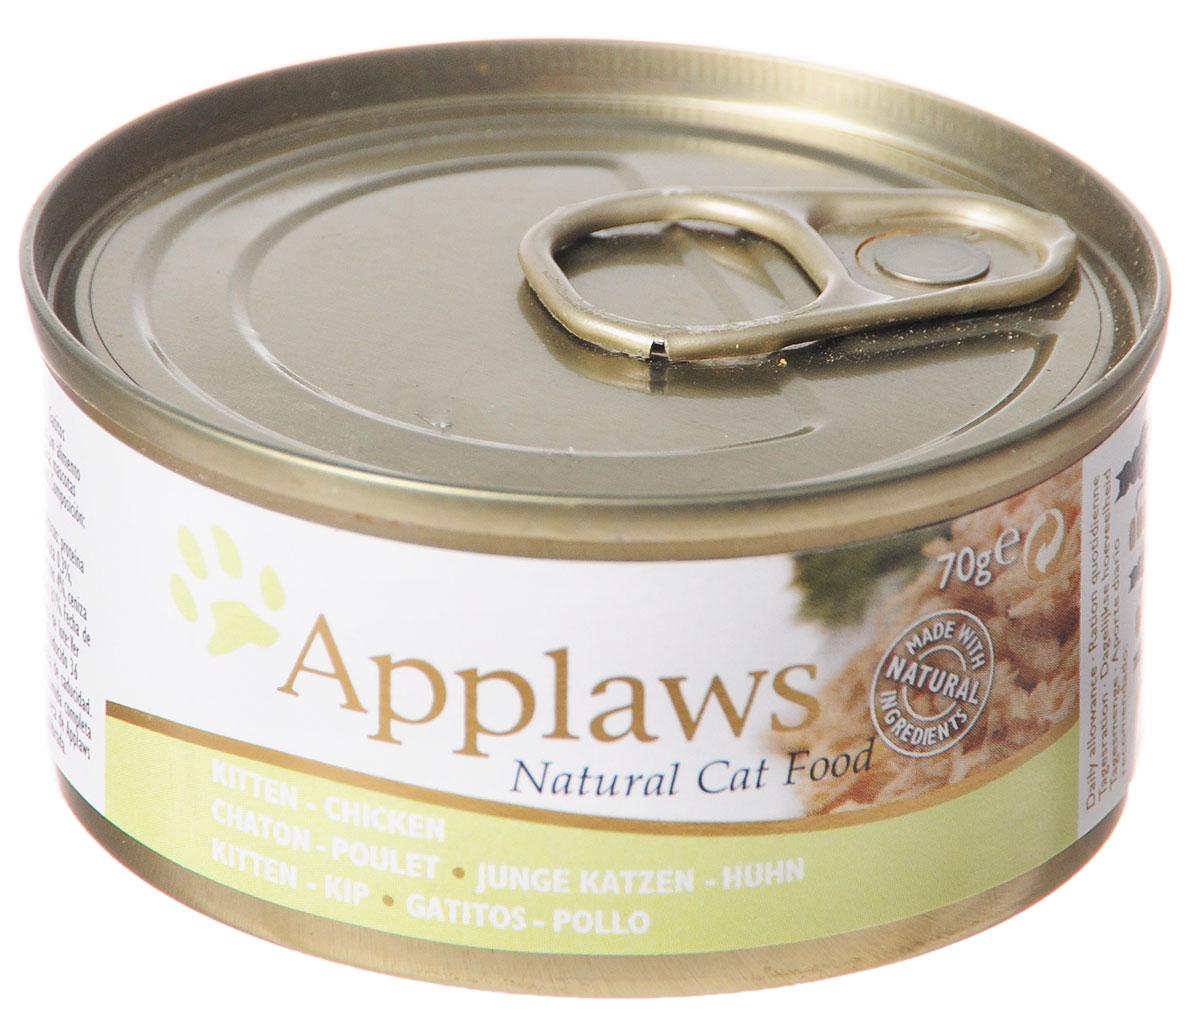 Консервы для котят Applaws, с курицей, 70 г24325Каждая баночка Applaws содержит порцию свежего мяса, приготовленного в собственном бульоне. Для приготовления любого типа консервов используется мясо животных свободного выгула, выращенных на фермах Англии. В состав каждого рецепта входит только три/четыре основных ингредиента и ничего более. Не содержит ГМО, синтетических консервантов или красителей. Не содержит вкусовых добавок.Состав: филе куриной грудки 28%, рис, минералы.Анализ: белок 11%, клетчатка 0,3%, жиры 4%, зола 2%, влага 81%.Товар сертифицирован.